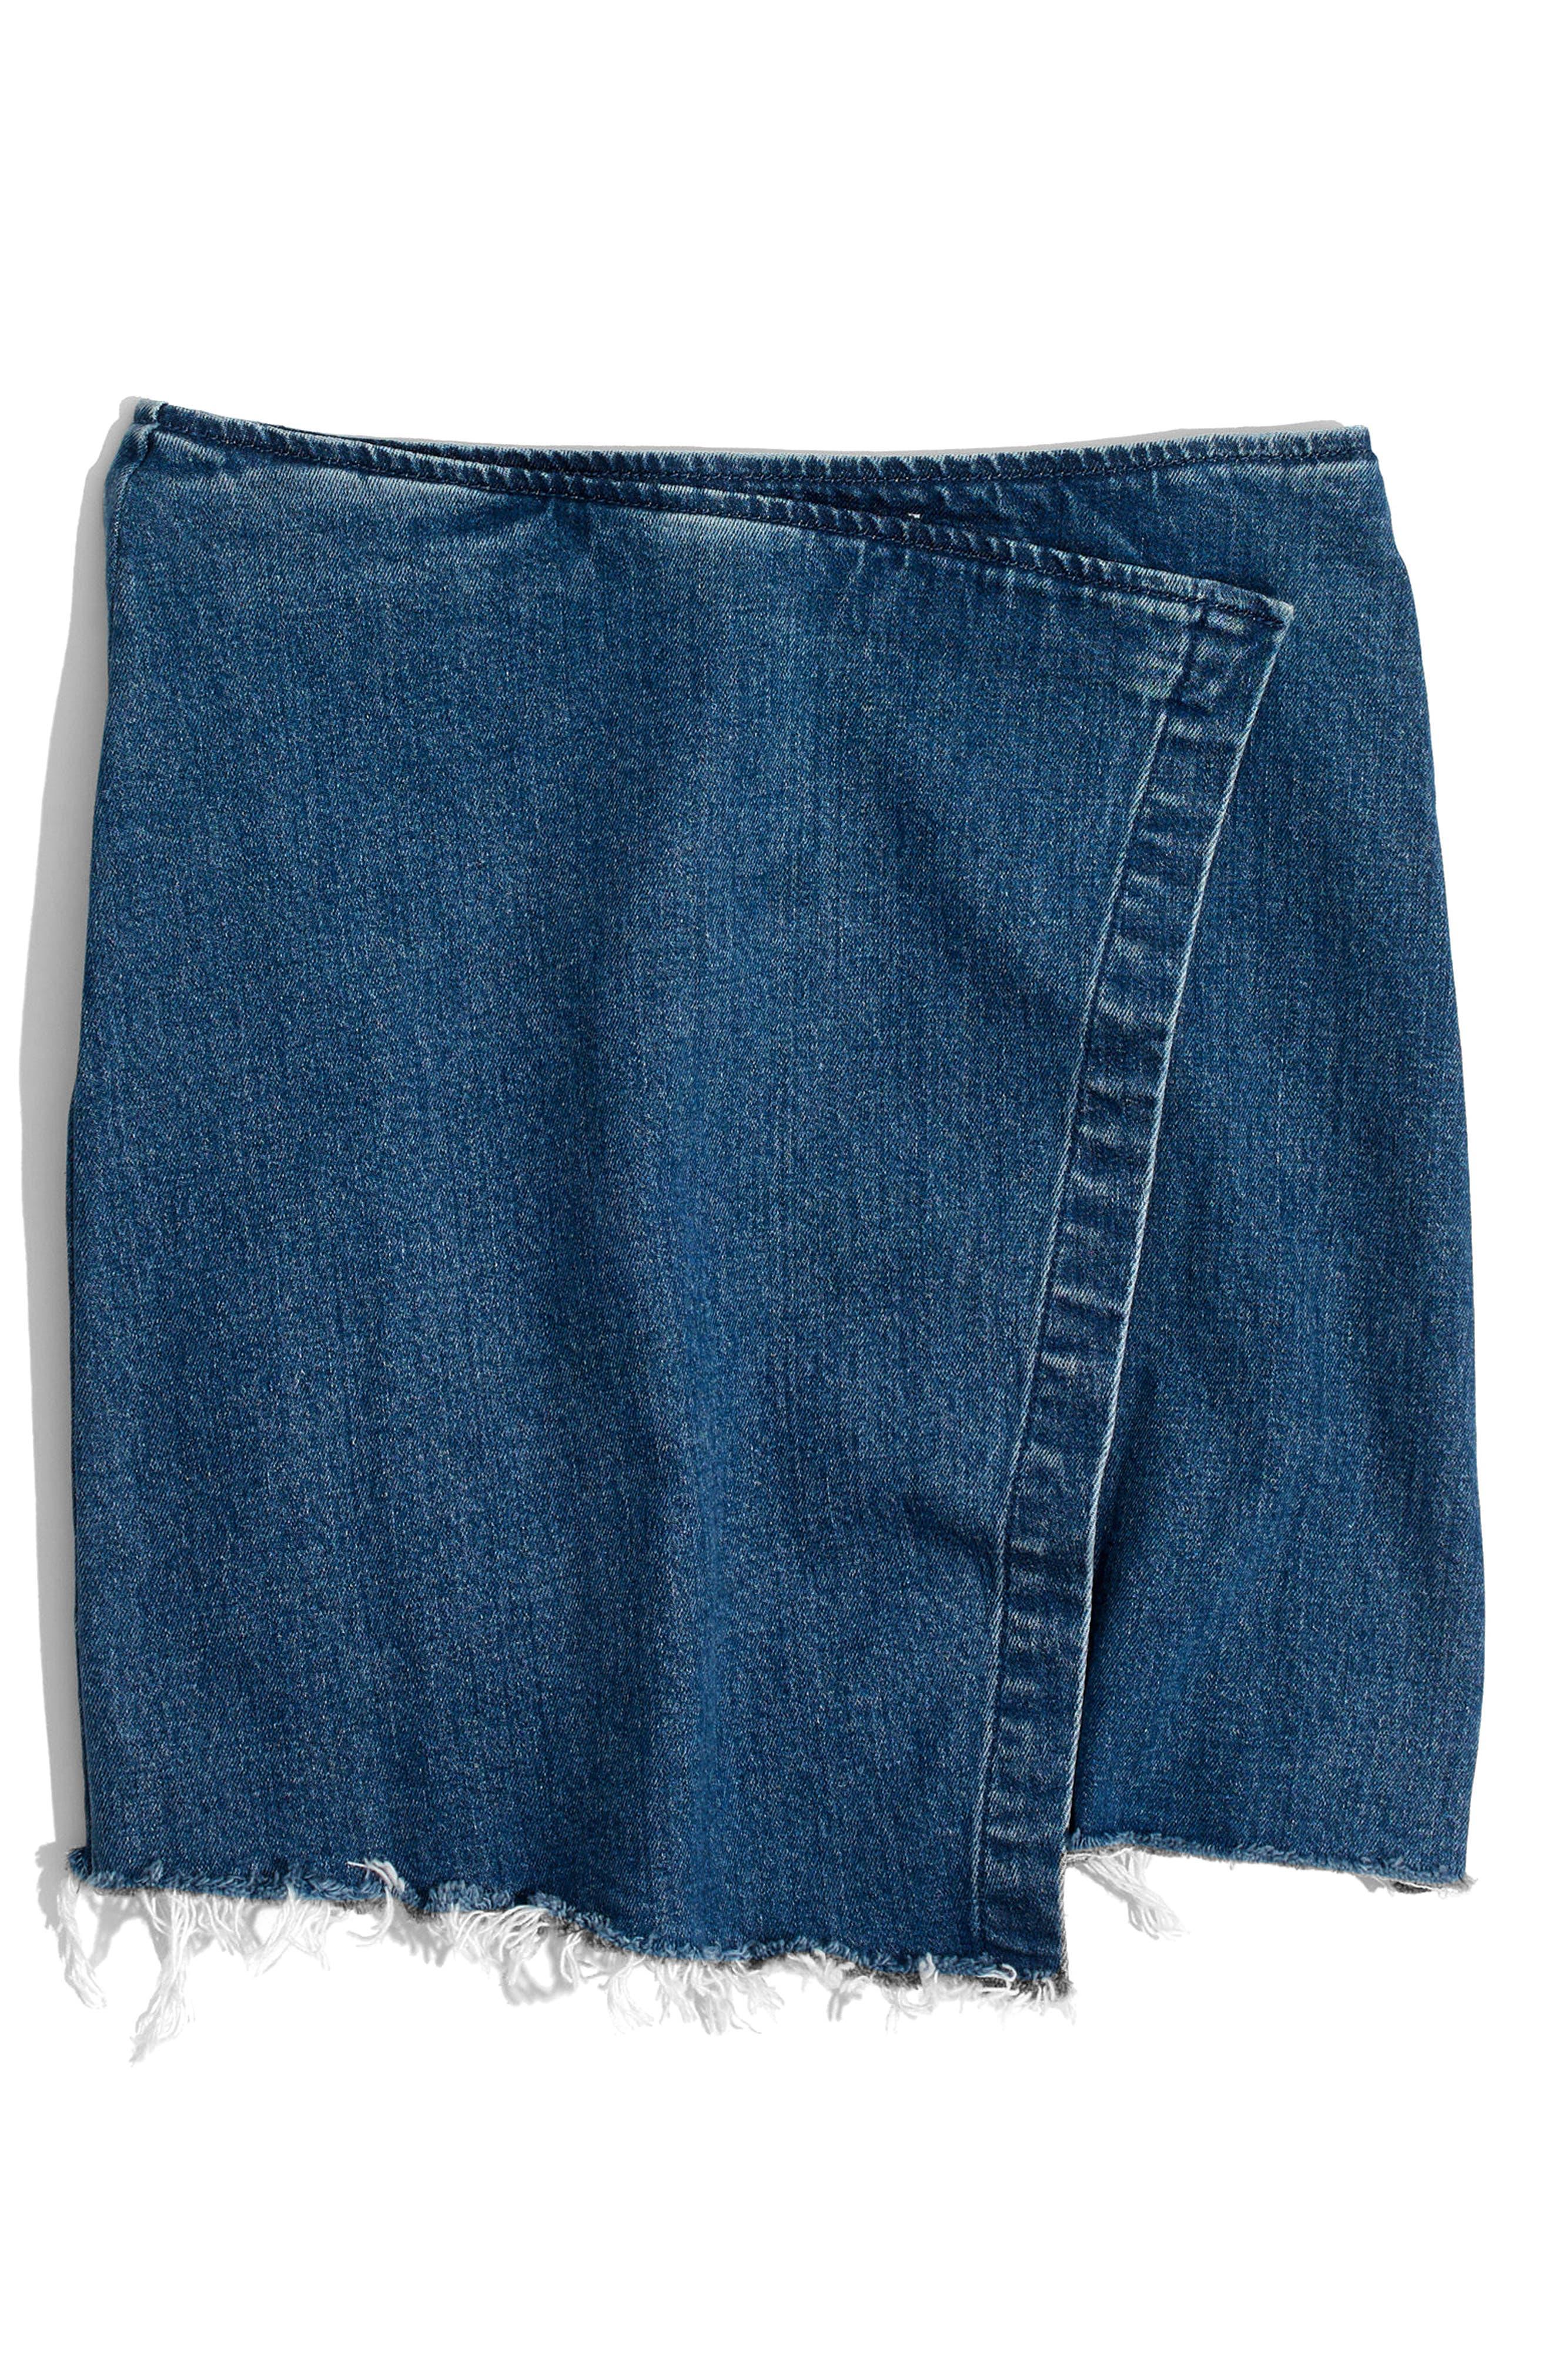 Denim Faux Wrap Mini Skirt,                             Alternate thumbnail 4, color,                             Palma Wash